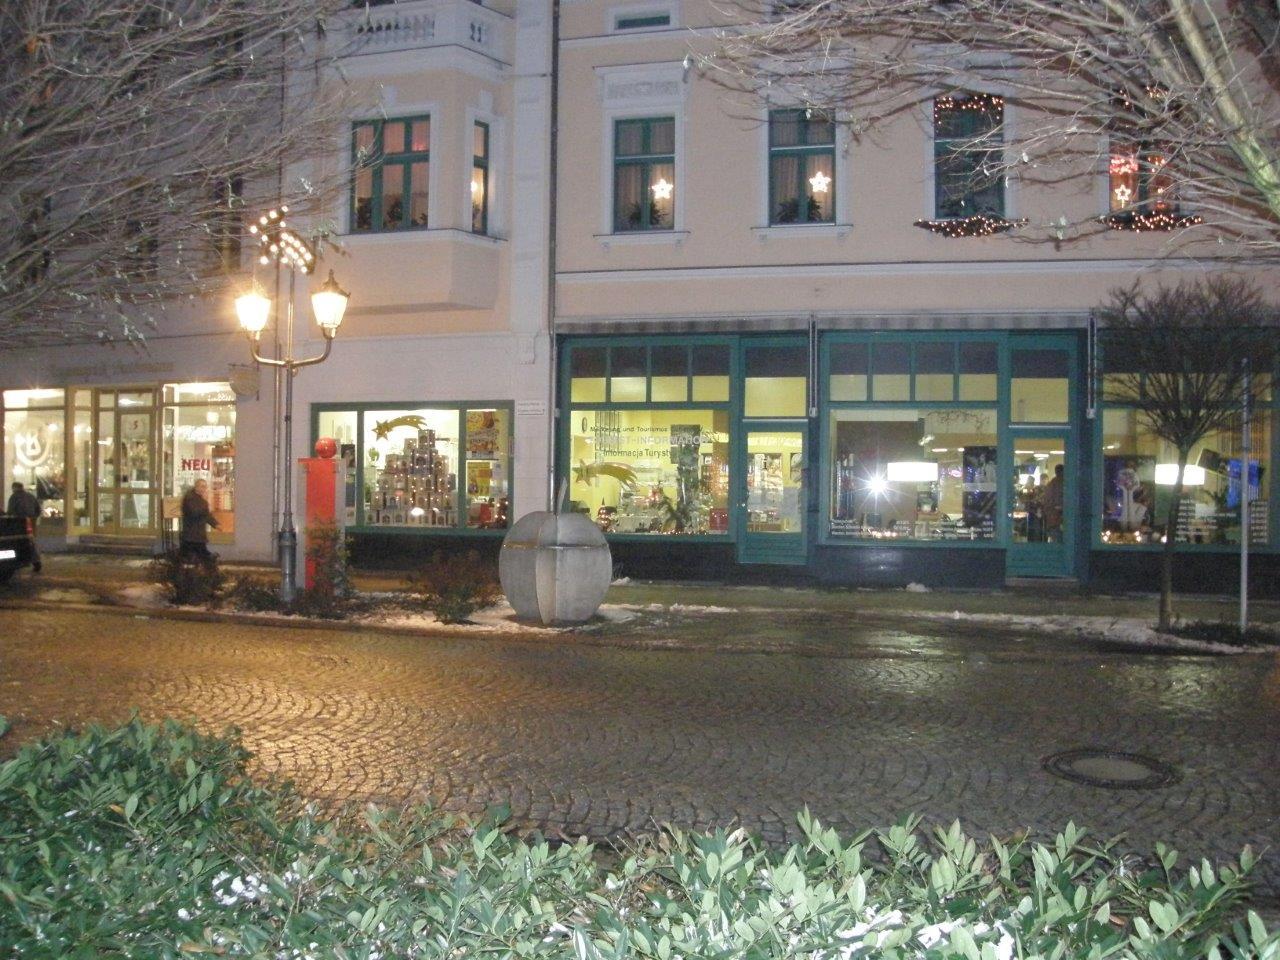 Verkaufsoffener Sonntag Altstadt Guben Weihnachtsmarkt